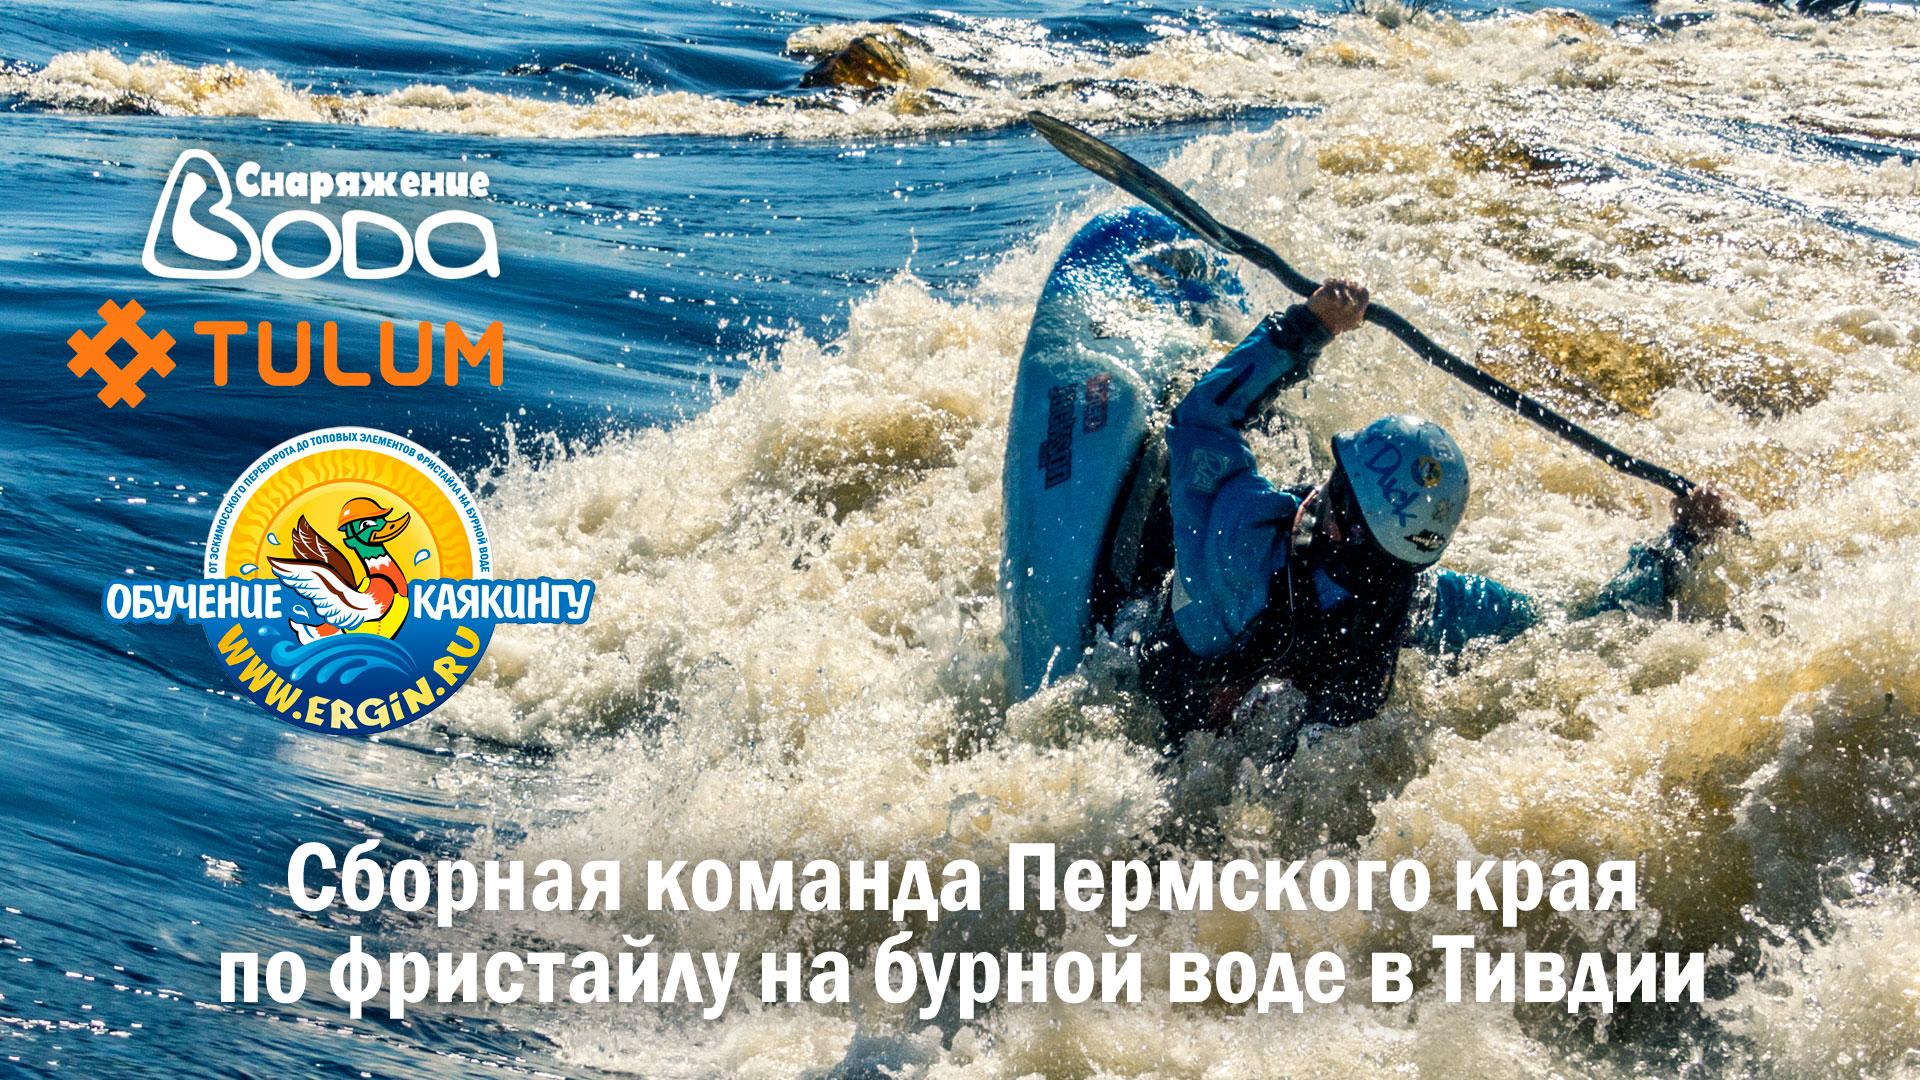 Тивдия фристайл-каякинг сборная Пермского края тренировки и соревнования